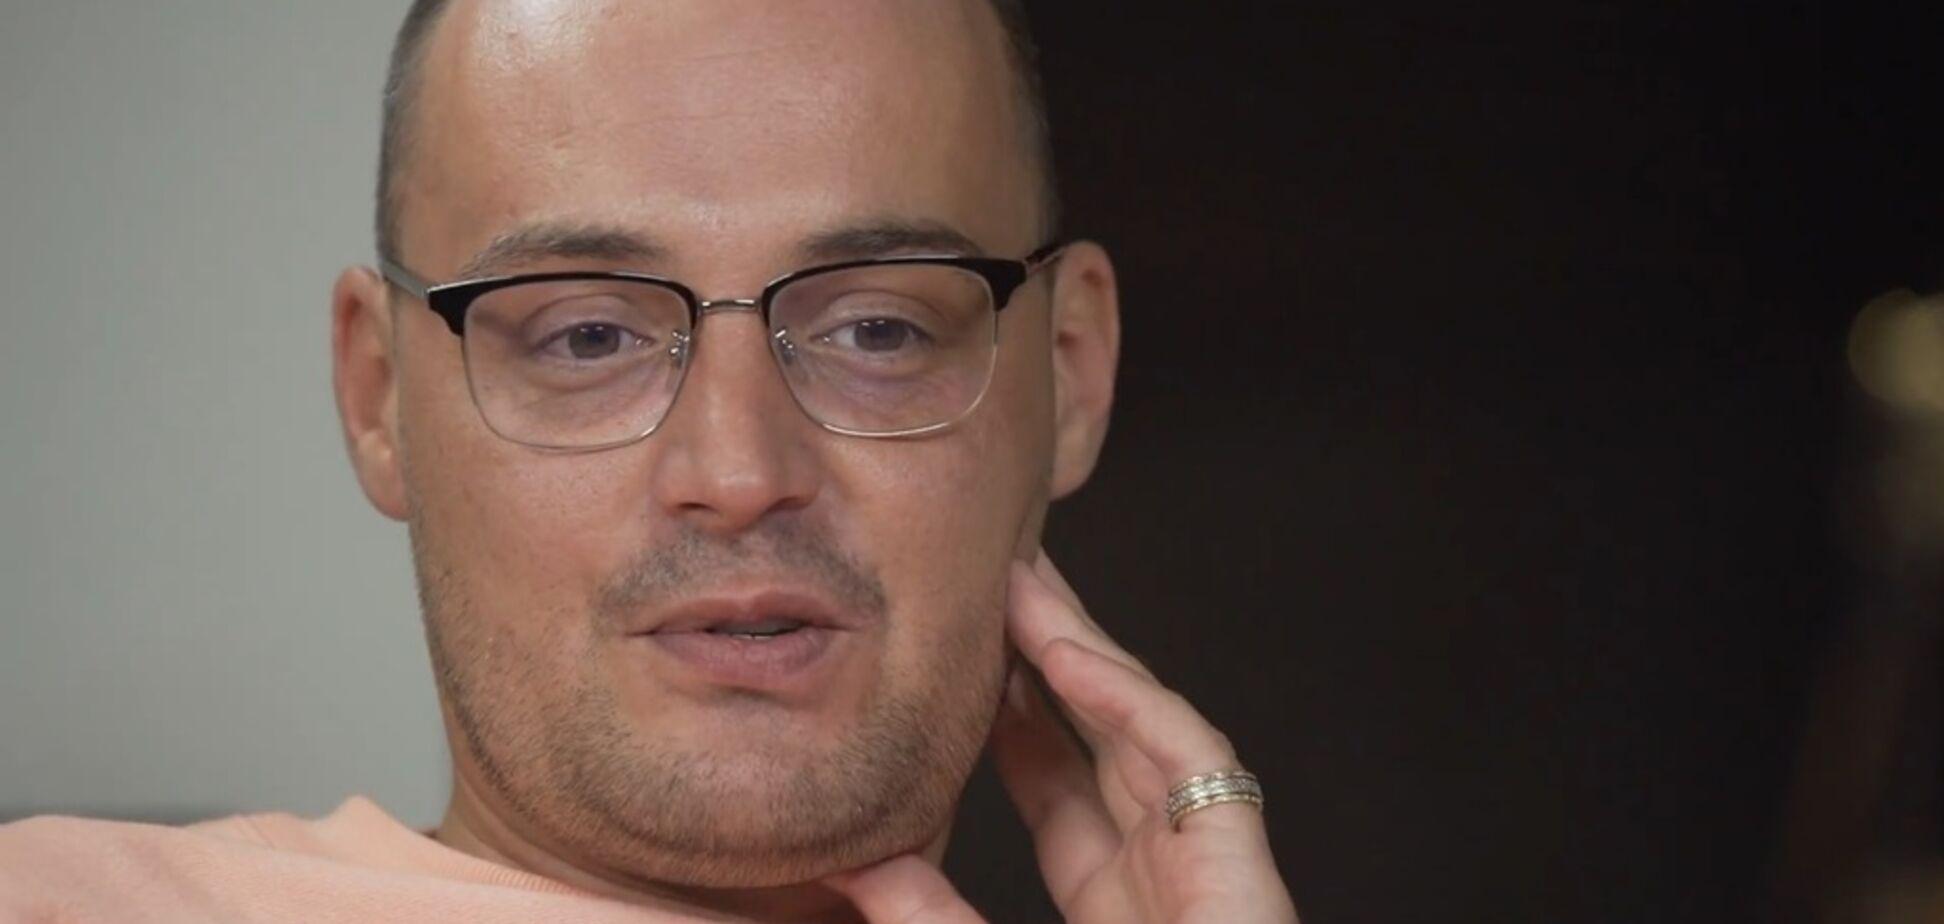 'Нае*ывал нас': Гуф назвал чиновника в Украине, закрывшего ему въезд